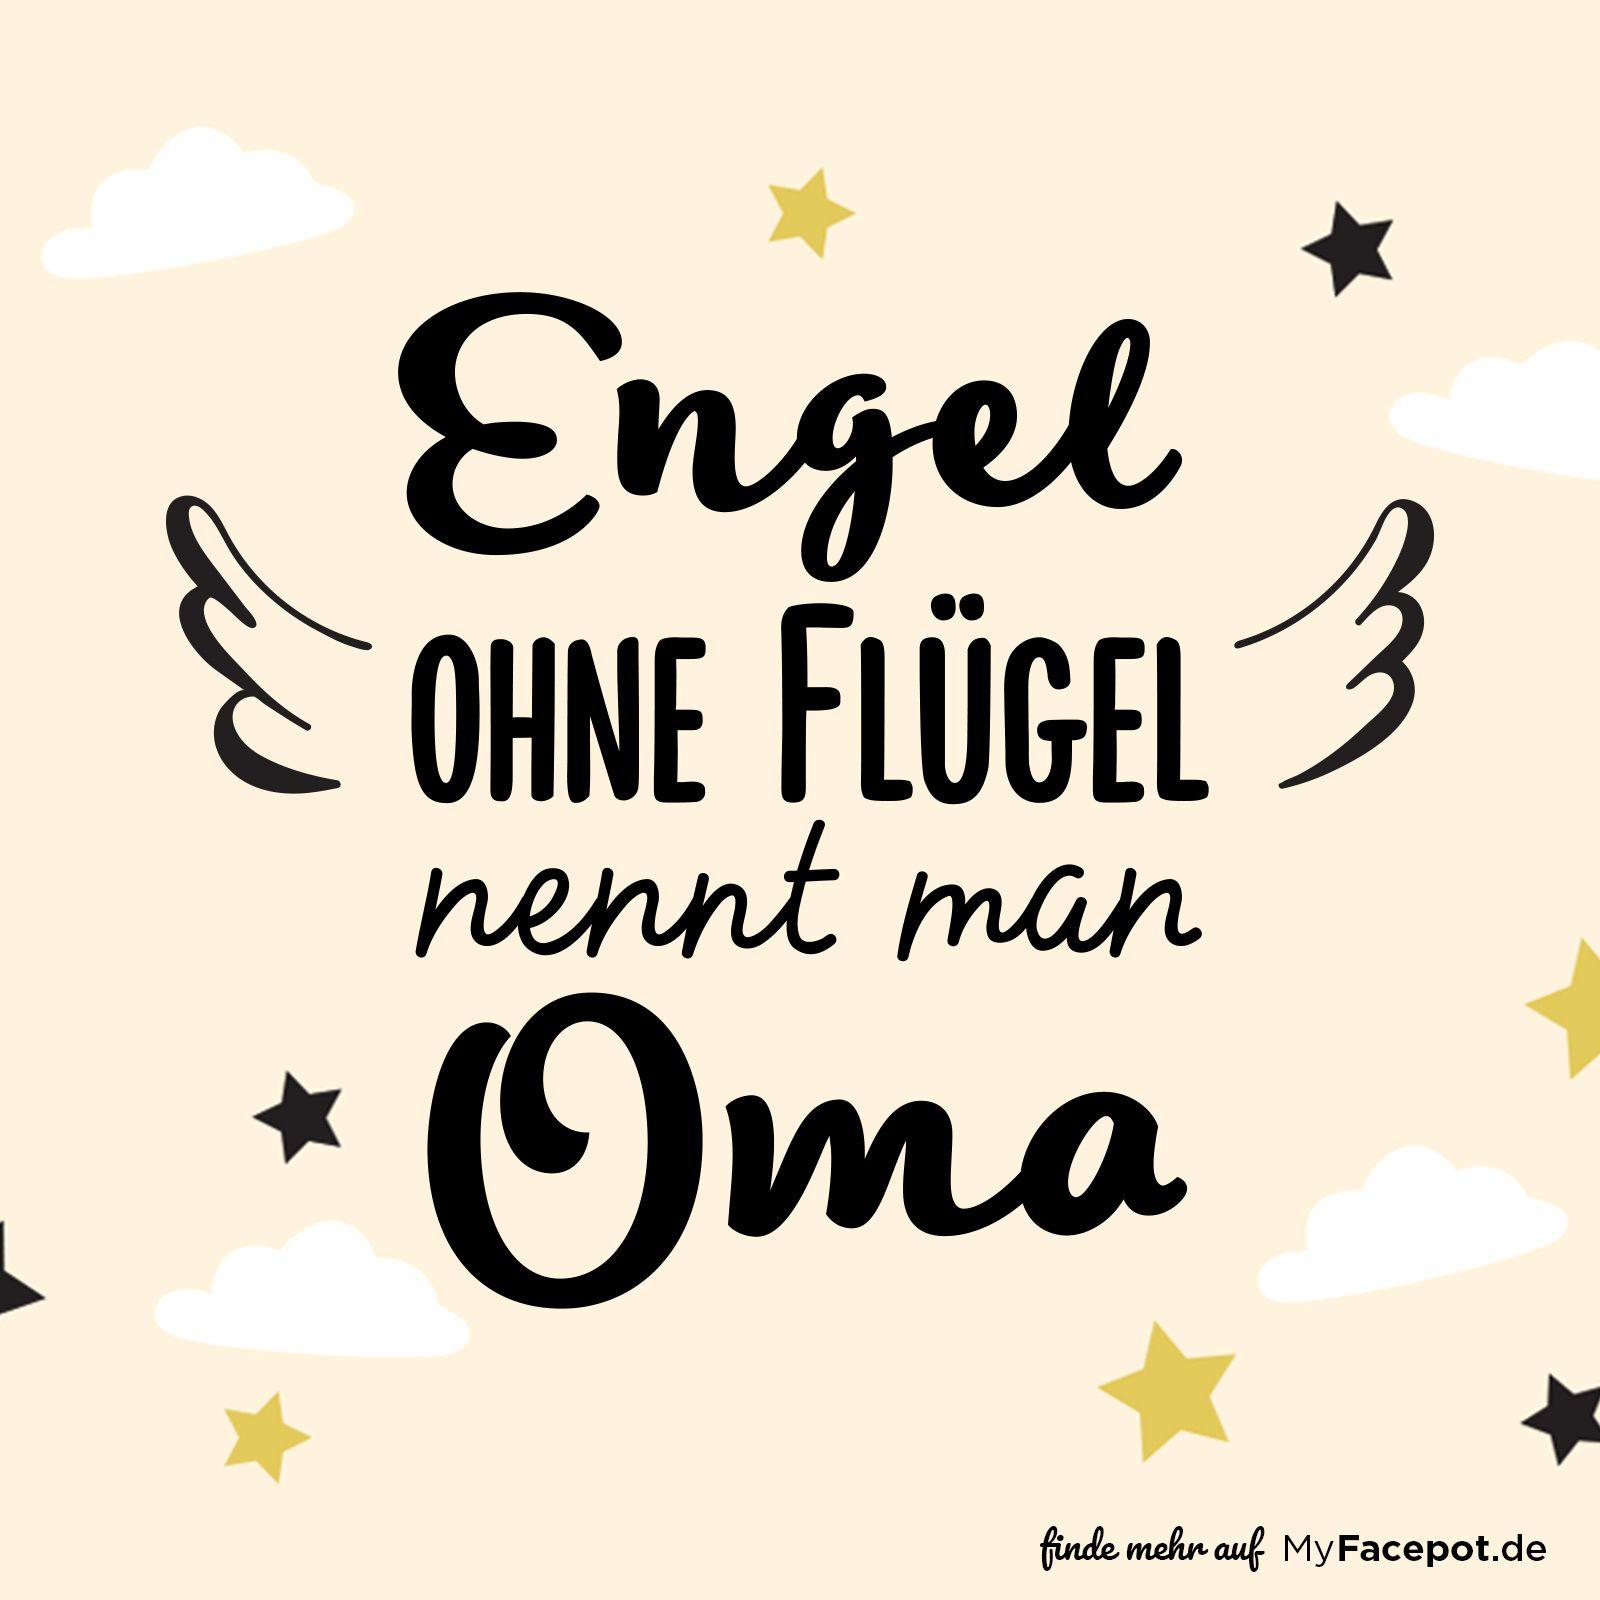 Engel ohne Flügel nennt man Oma  Geschenkideen für Oma sind mit diesem Spruch im Handumdrehen fertig! Einfach zwei schöne Fotos von Mama, Enkel und der Familie in die Bilderrahmen einsetzen und schon ist das Geschenk zu Weihnachten, Geburtstag oder Ostern gemacht! #fotogeschenk